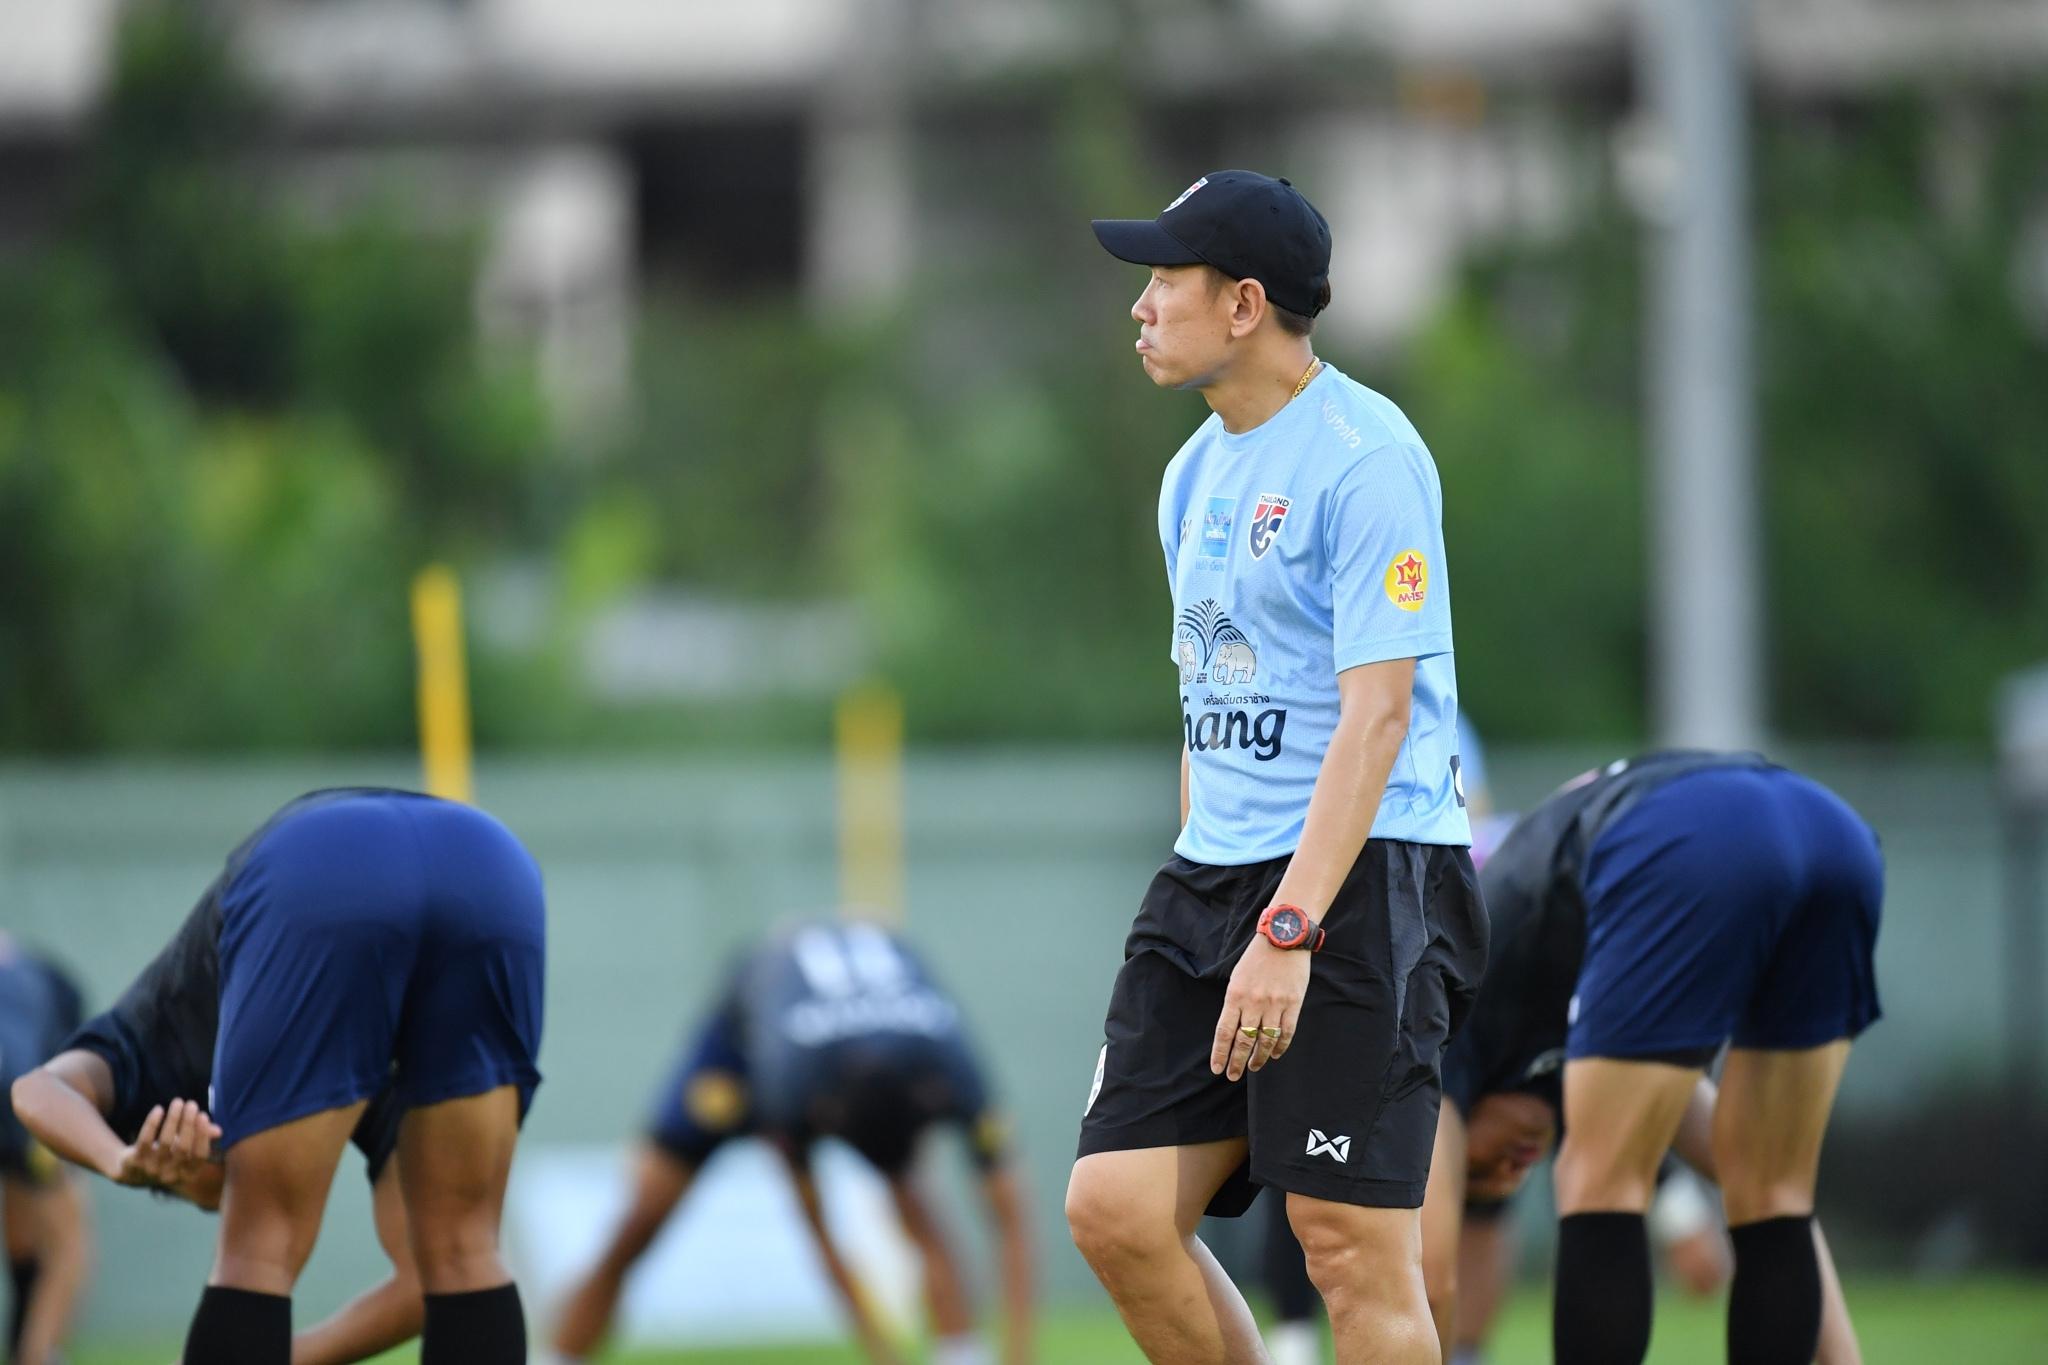 ทีมชาติไทย อนุรักษ์ ศรีเกิด อากิระ นิชิโนะ